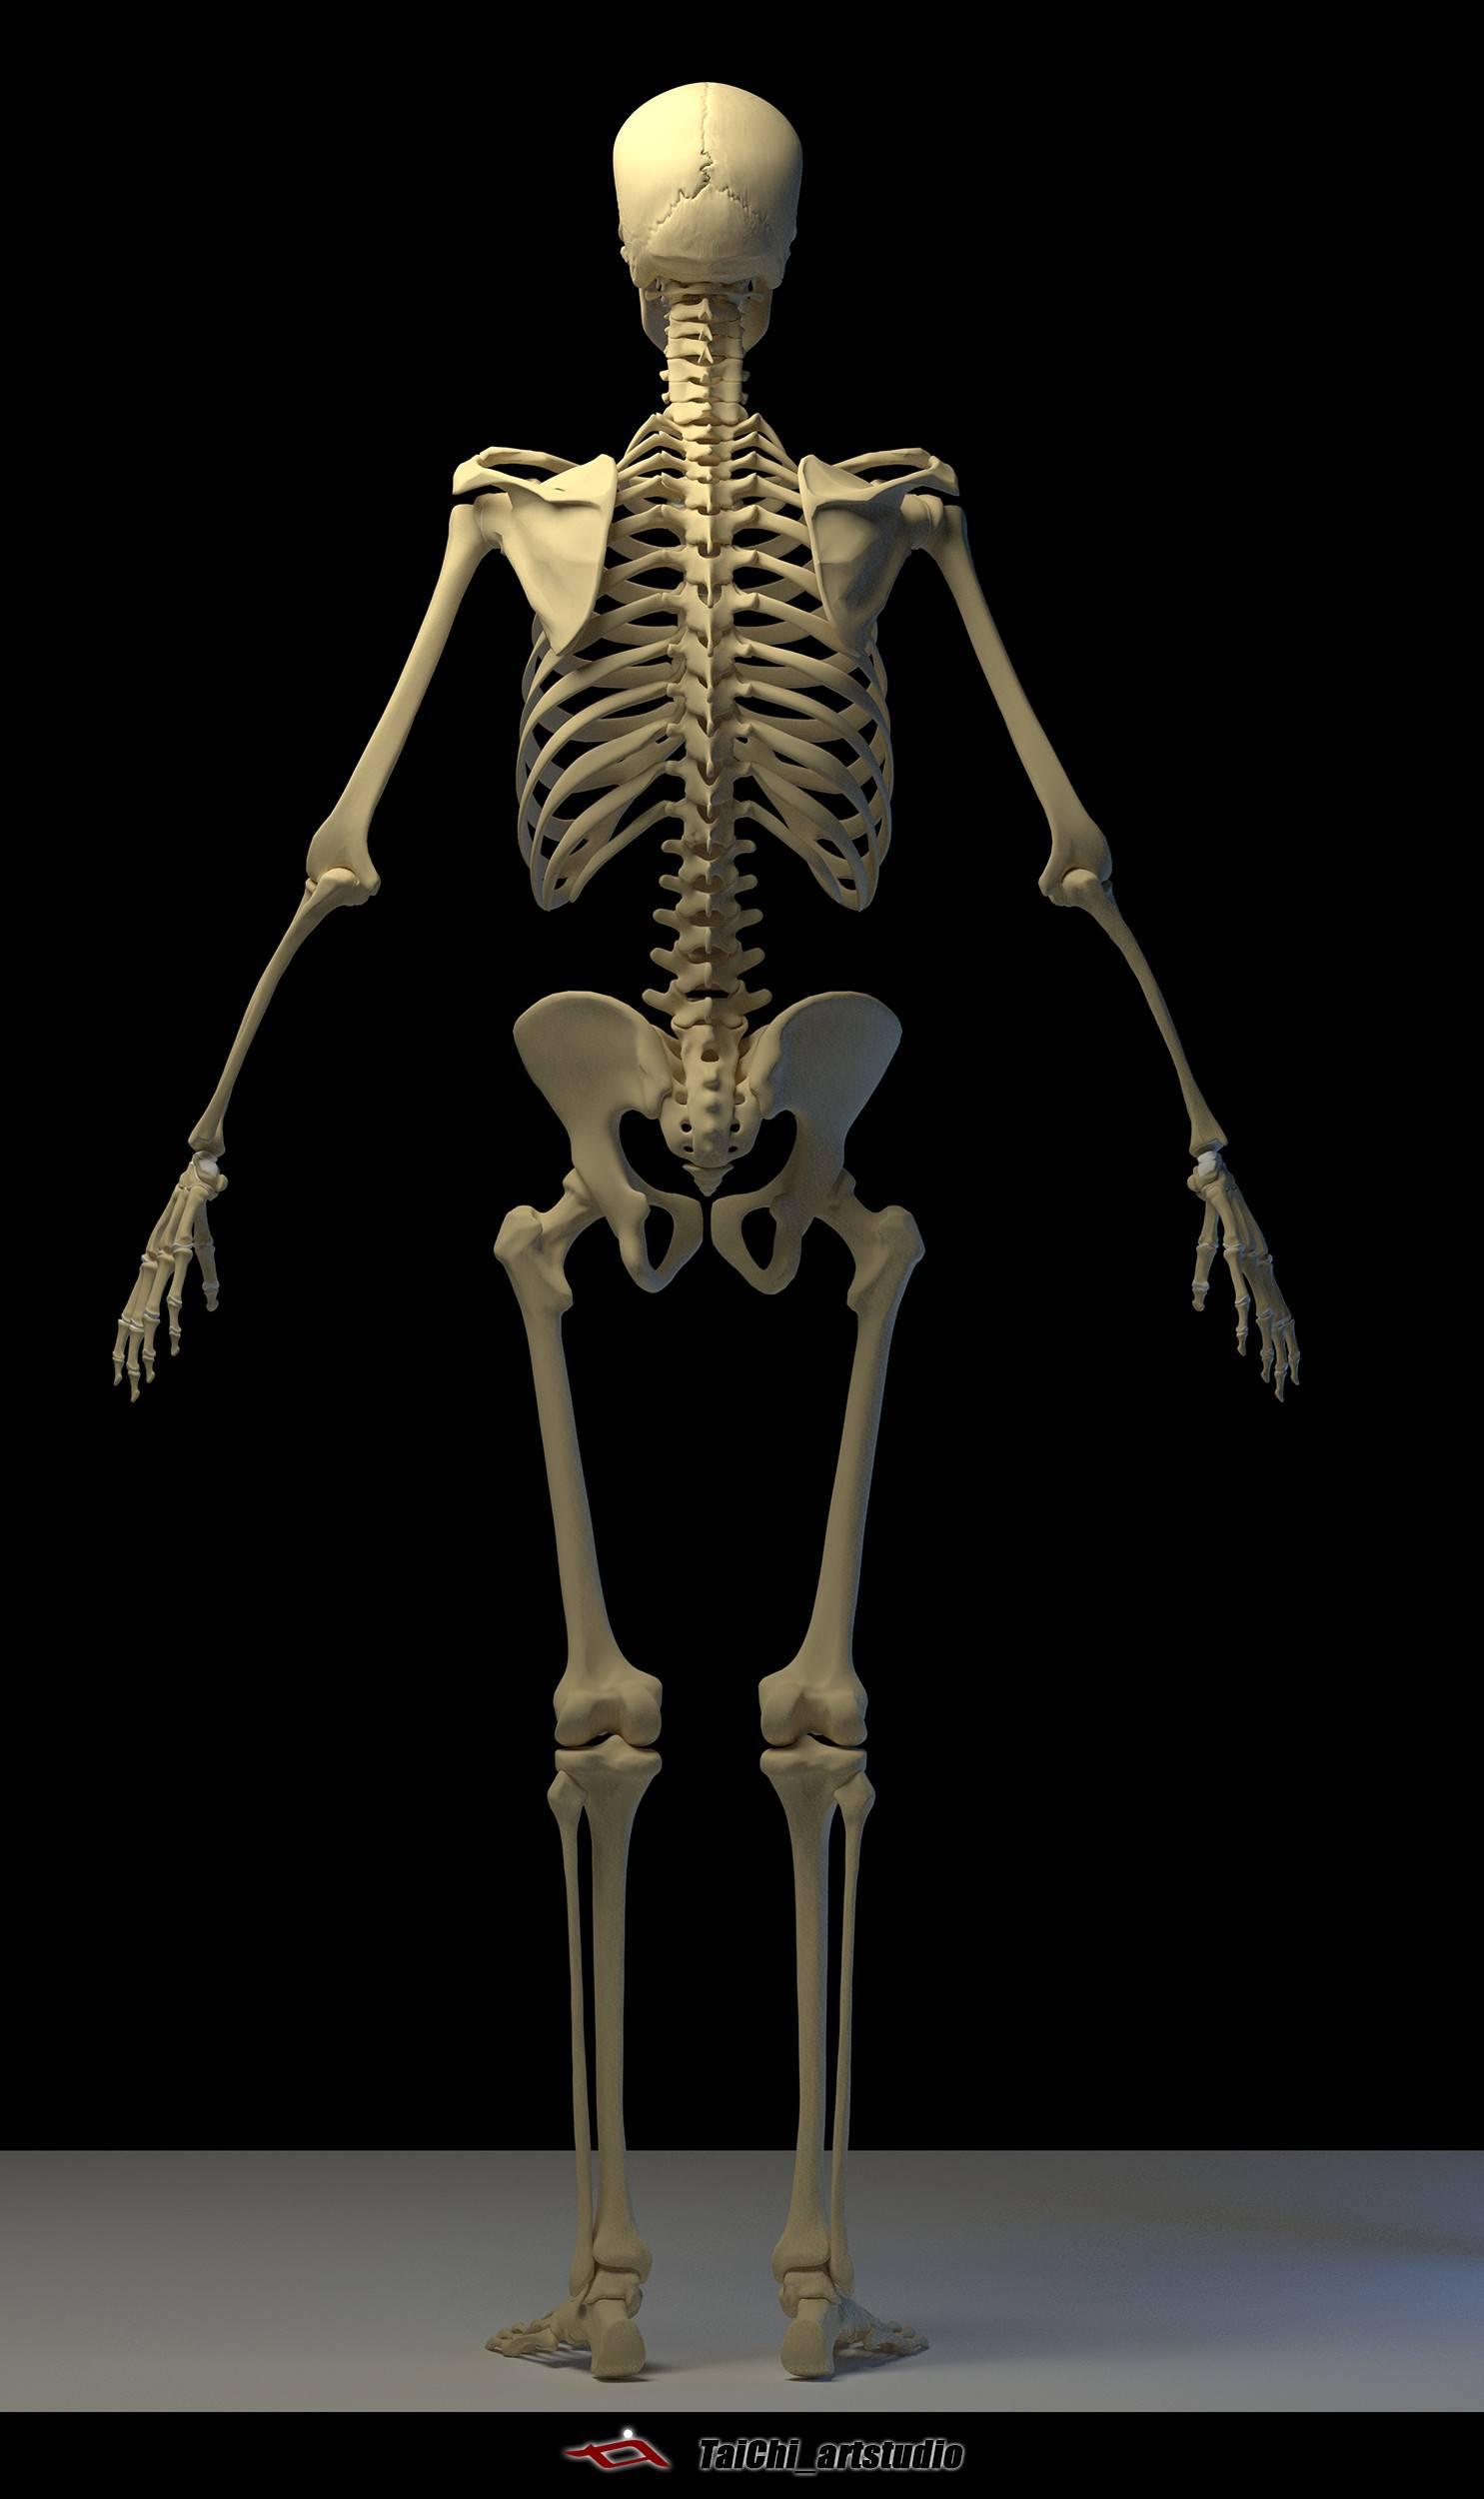 非常不错的人体分面图,美术练习的好东西! - R 站 学习使我快乐! - 32